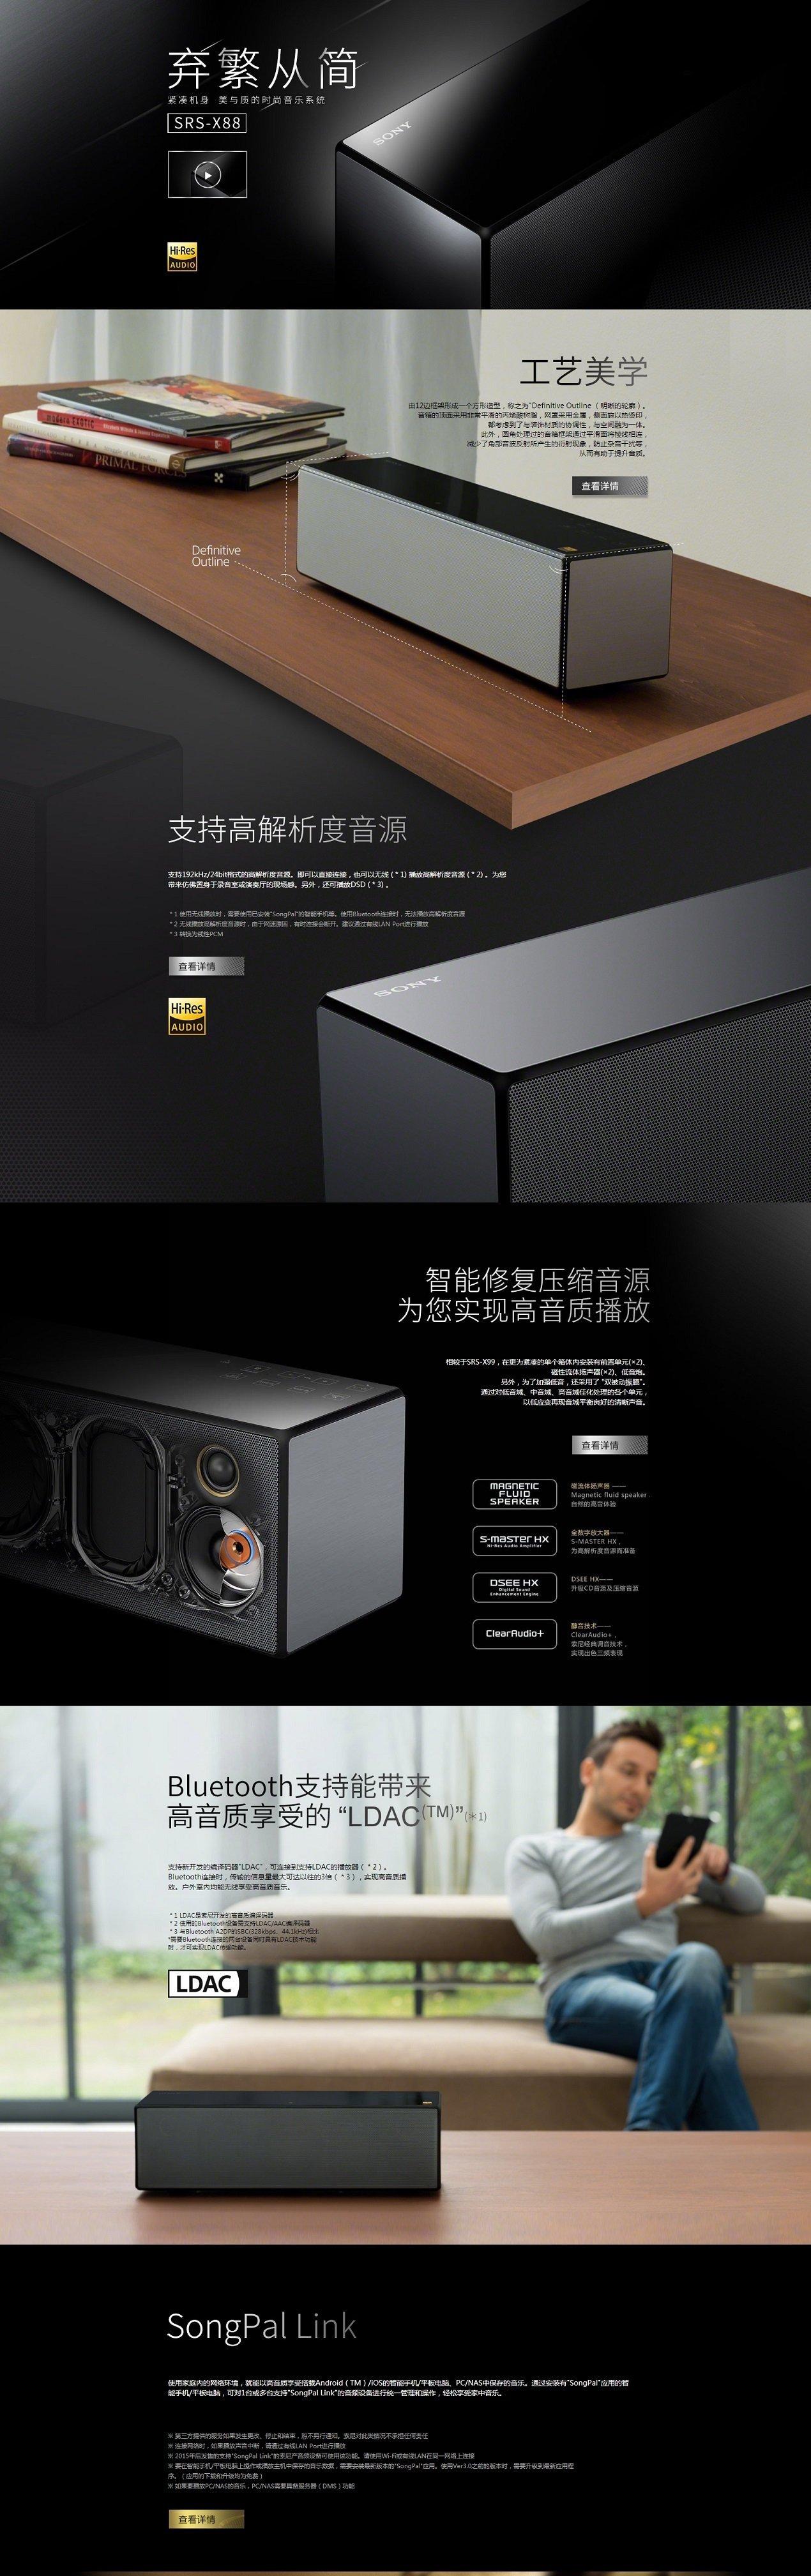 发烧桌面音响,SONY 索尼 SRS-X88 无线蓝牙音箱